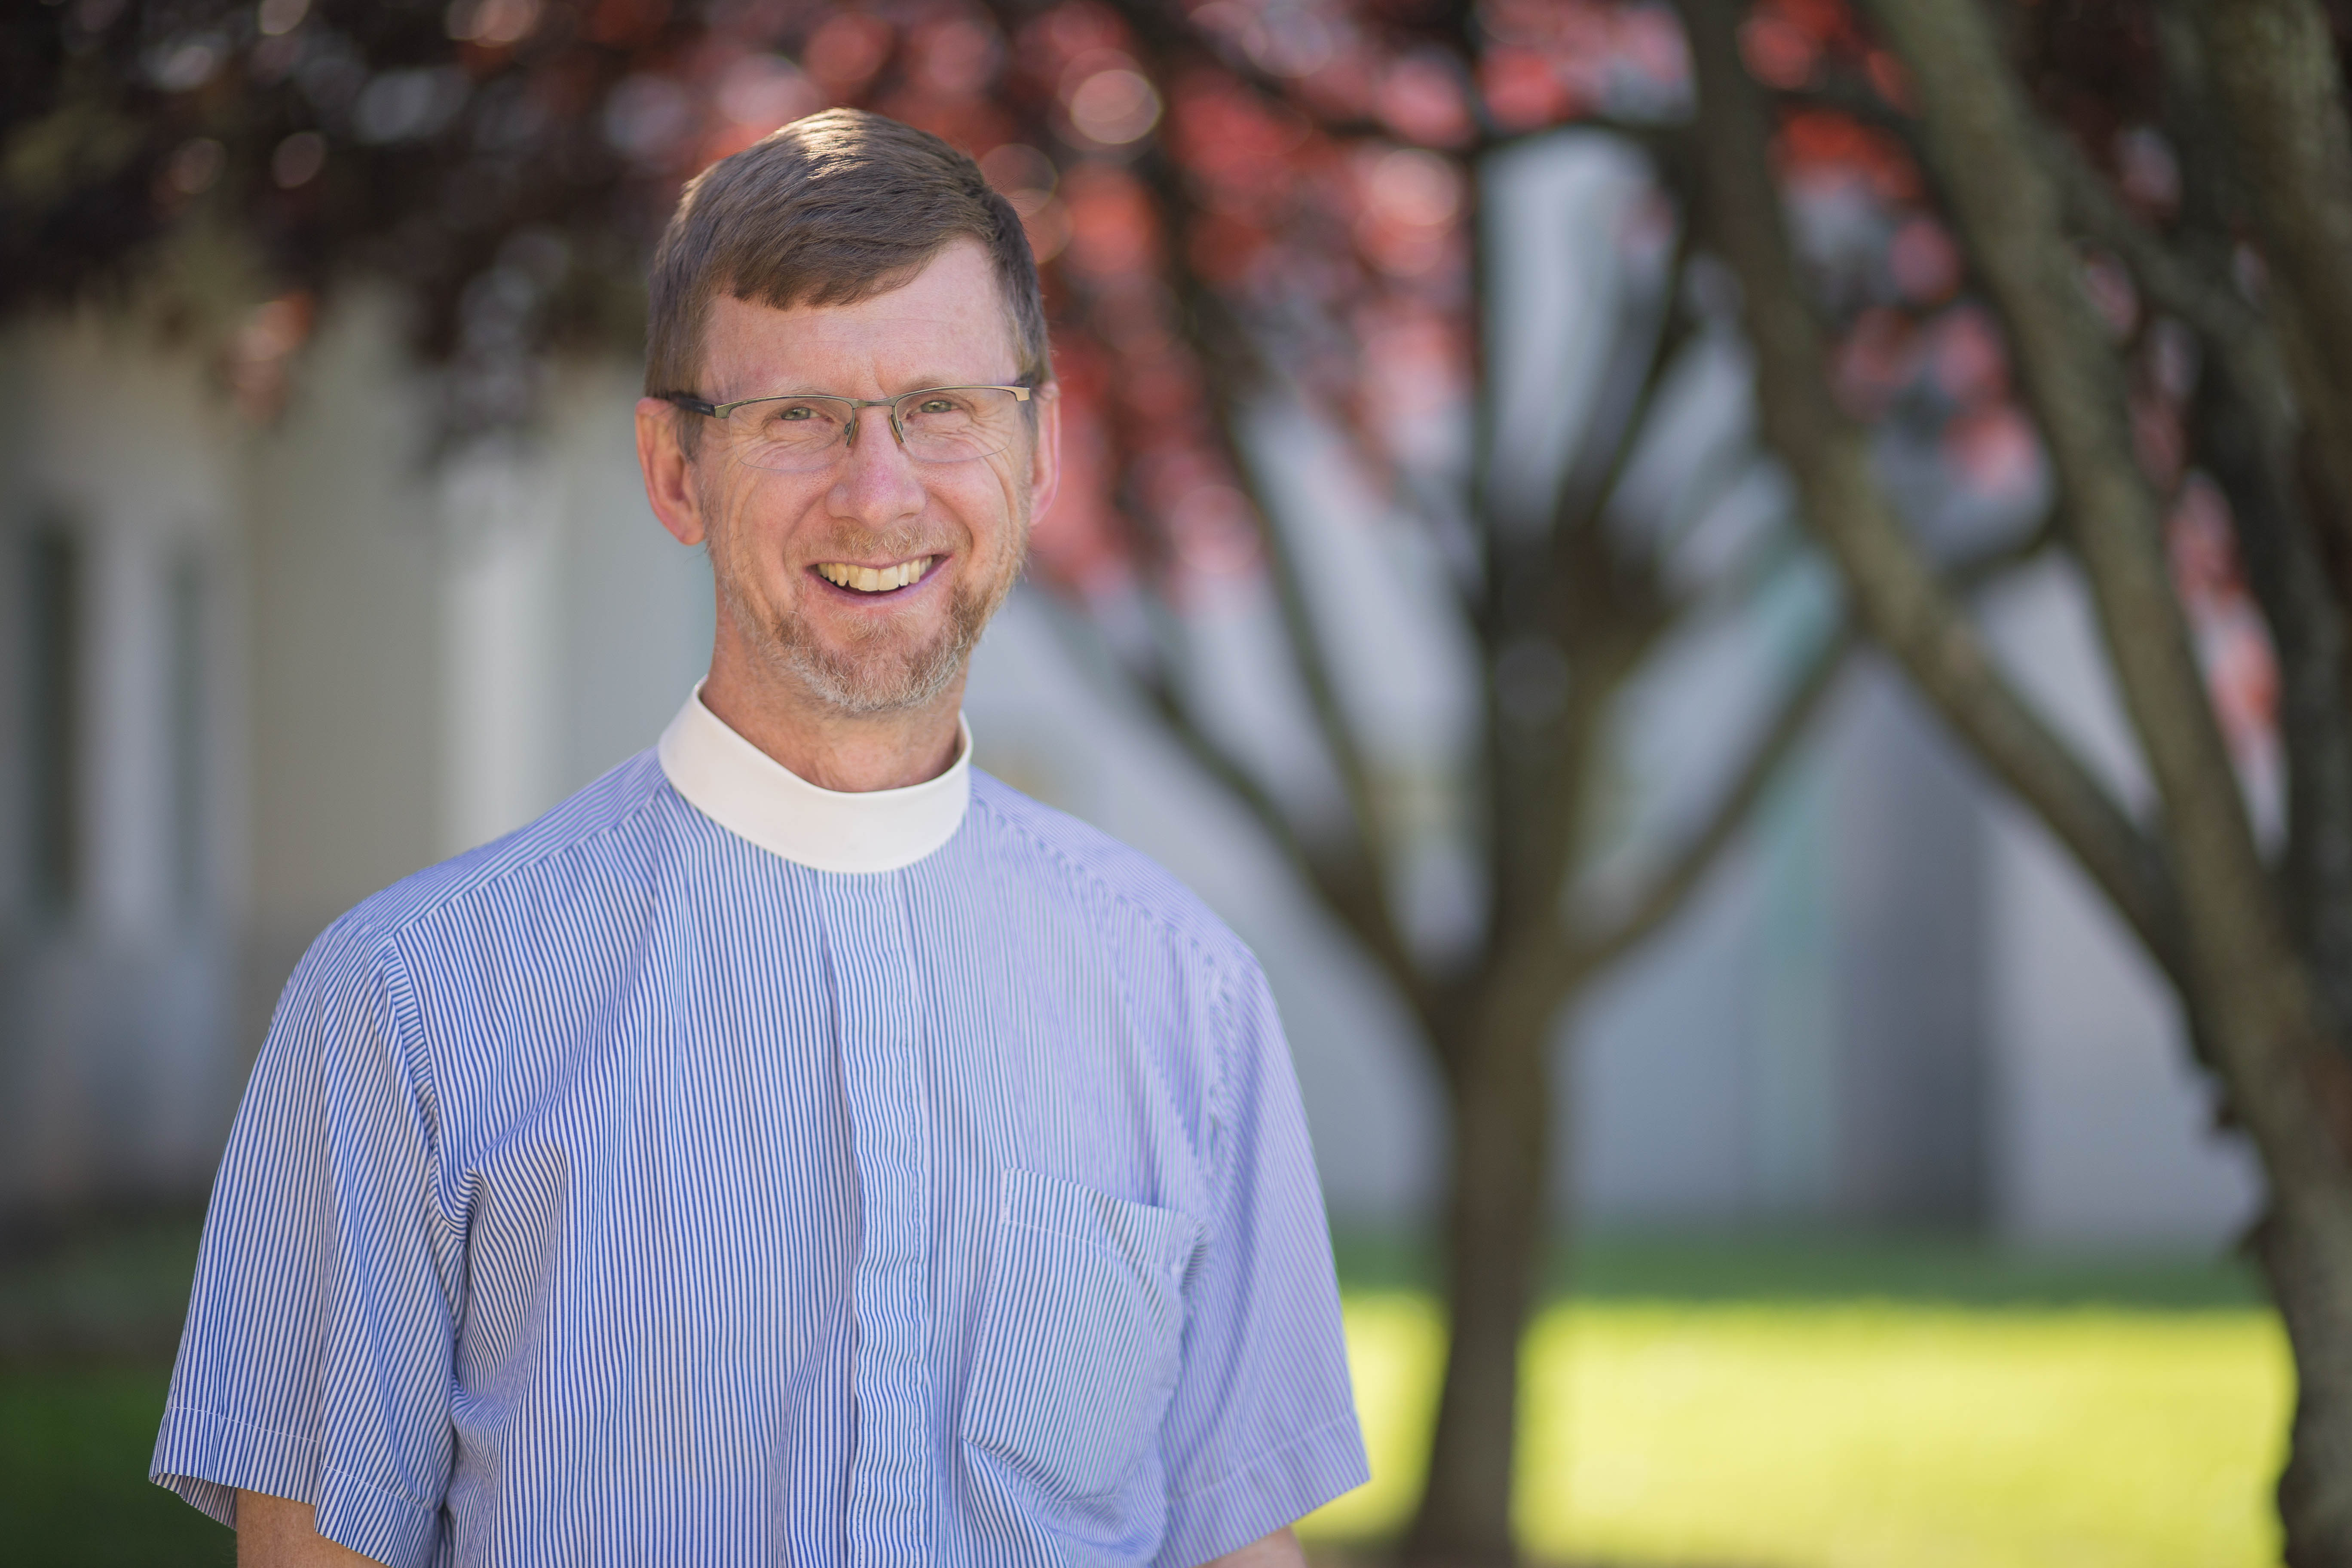 Pastor Mike McQuaid